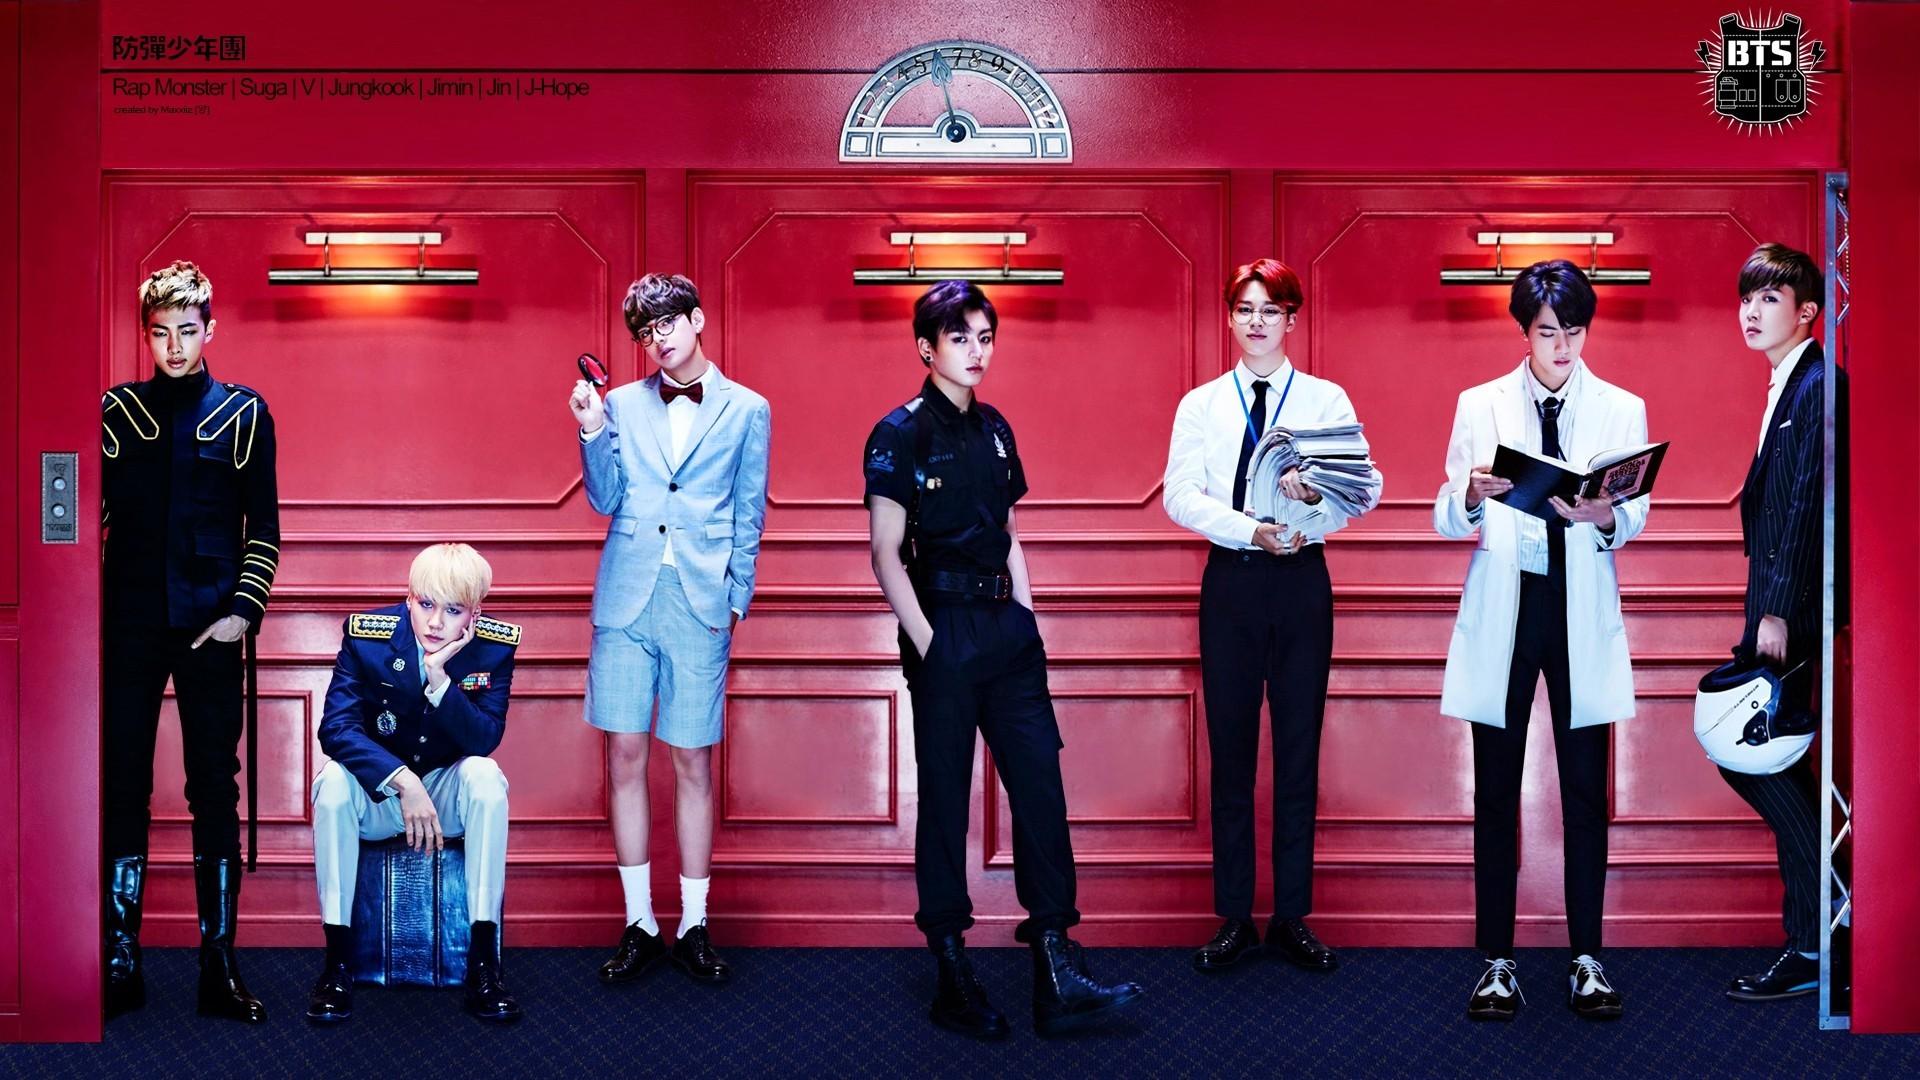 Ảnh nền HD nhóm nhạc BTS với bức tường đỏ phía sau lưng